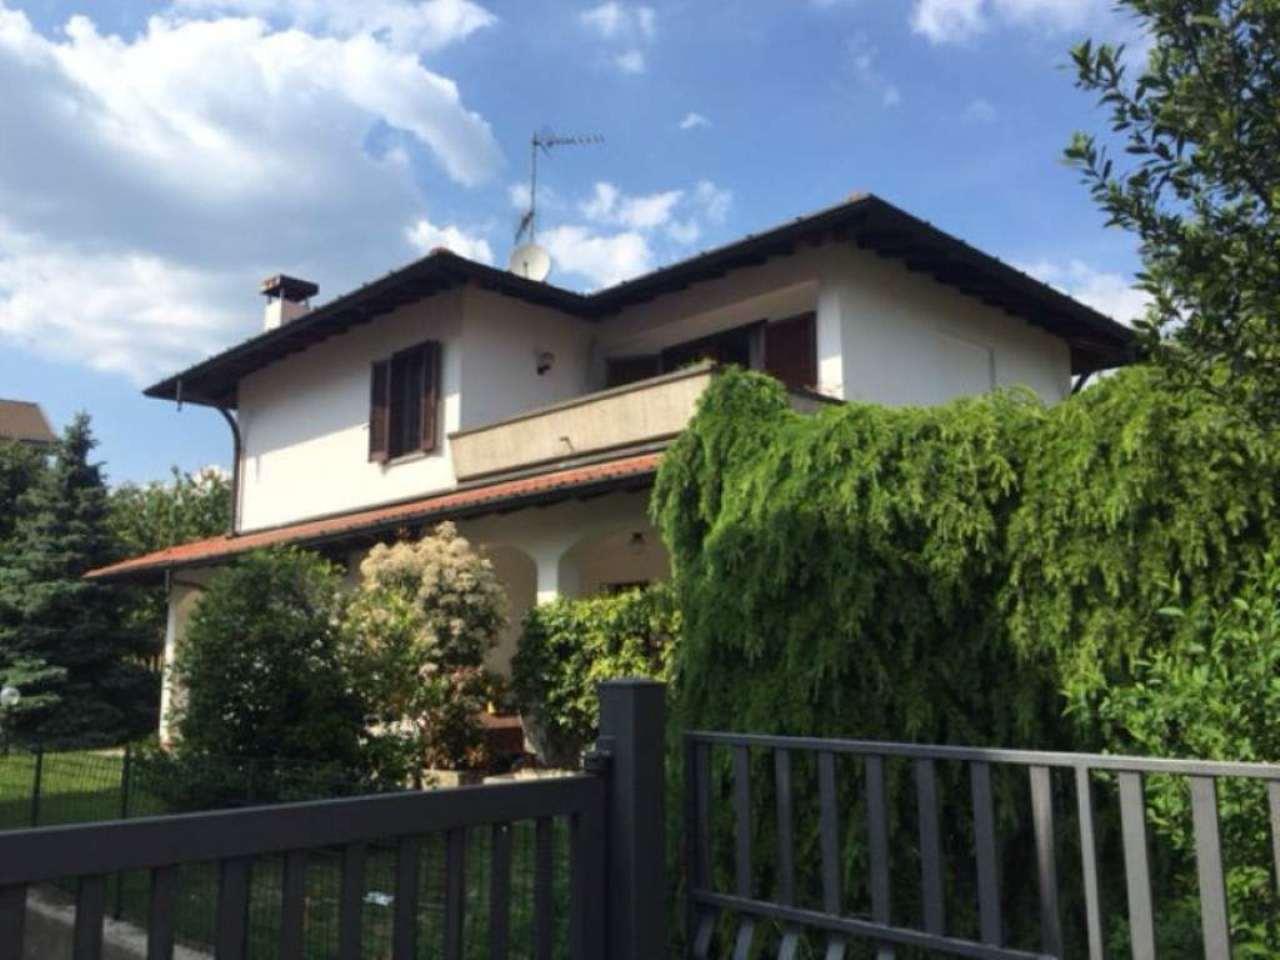 Villa in vendita a Caronno Varesino, 7 locali, prezzo € 310.000 | Cambio Casa.it